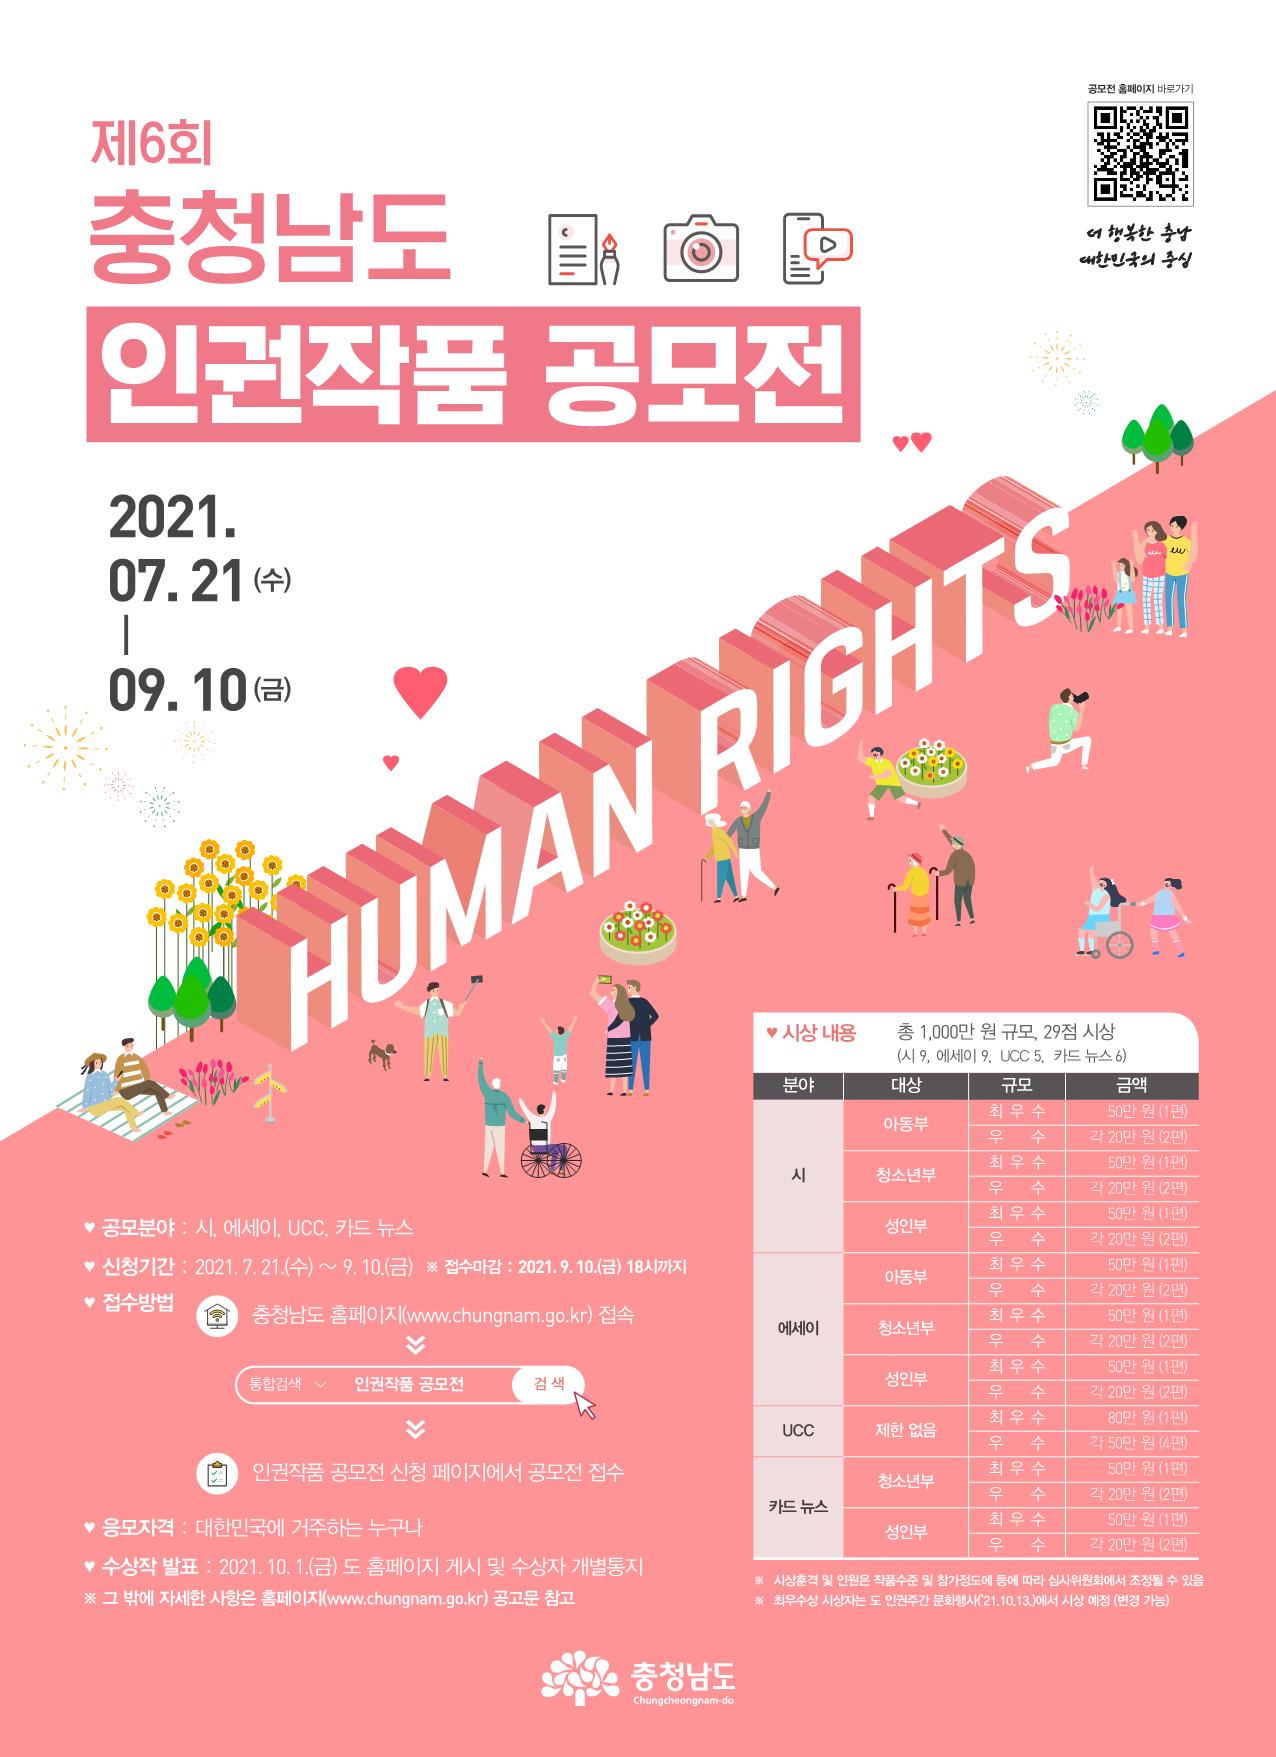 2021 인권작품 공모전 홍보 동영상